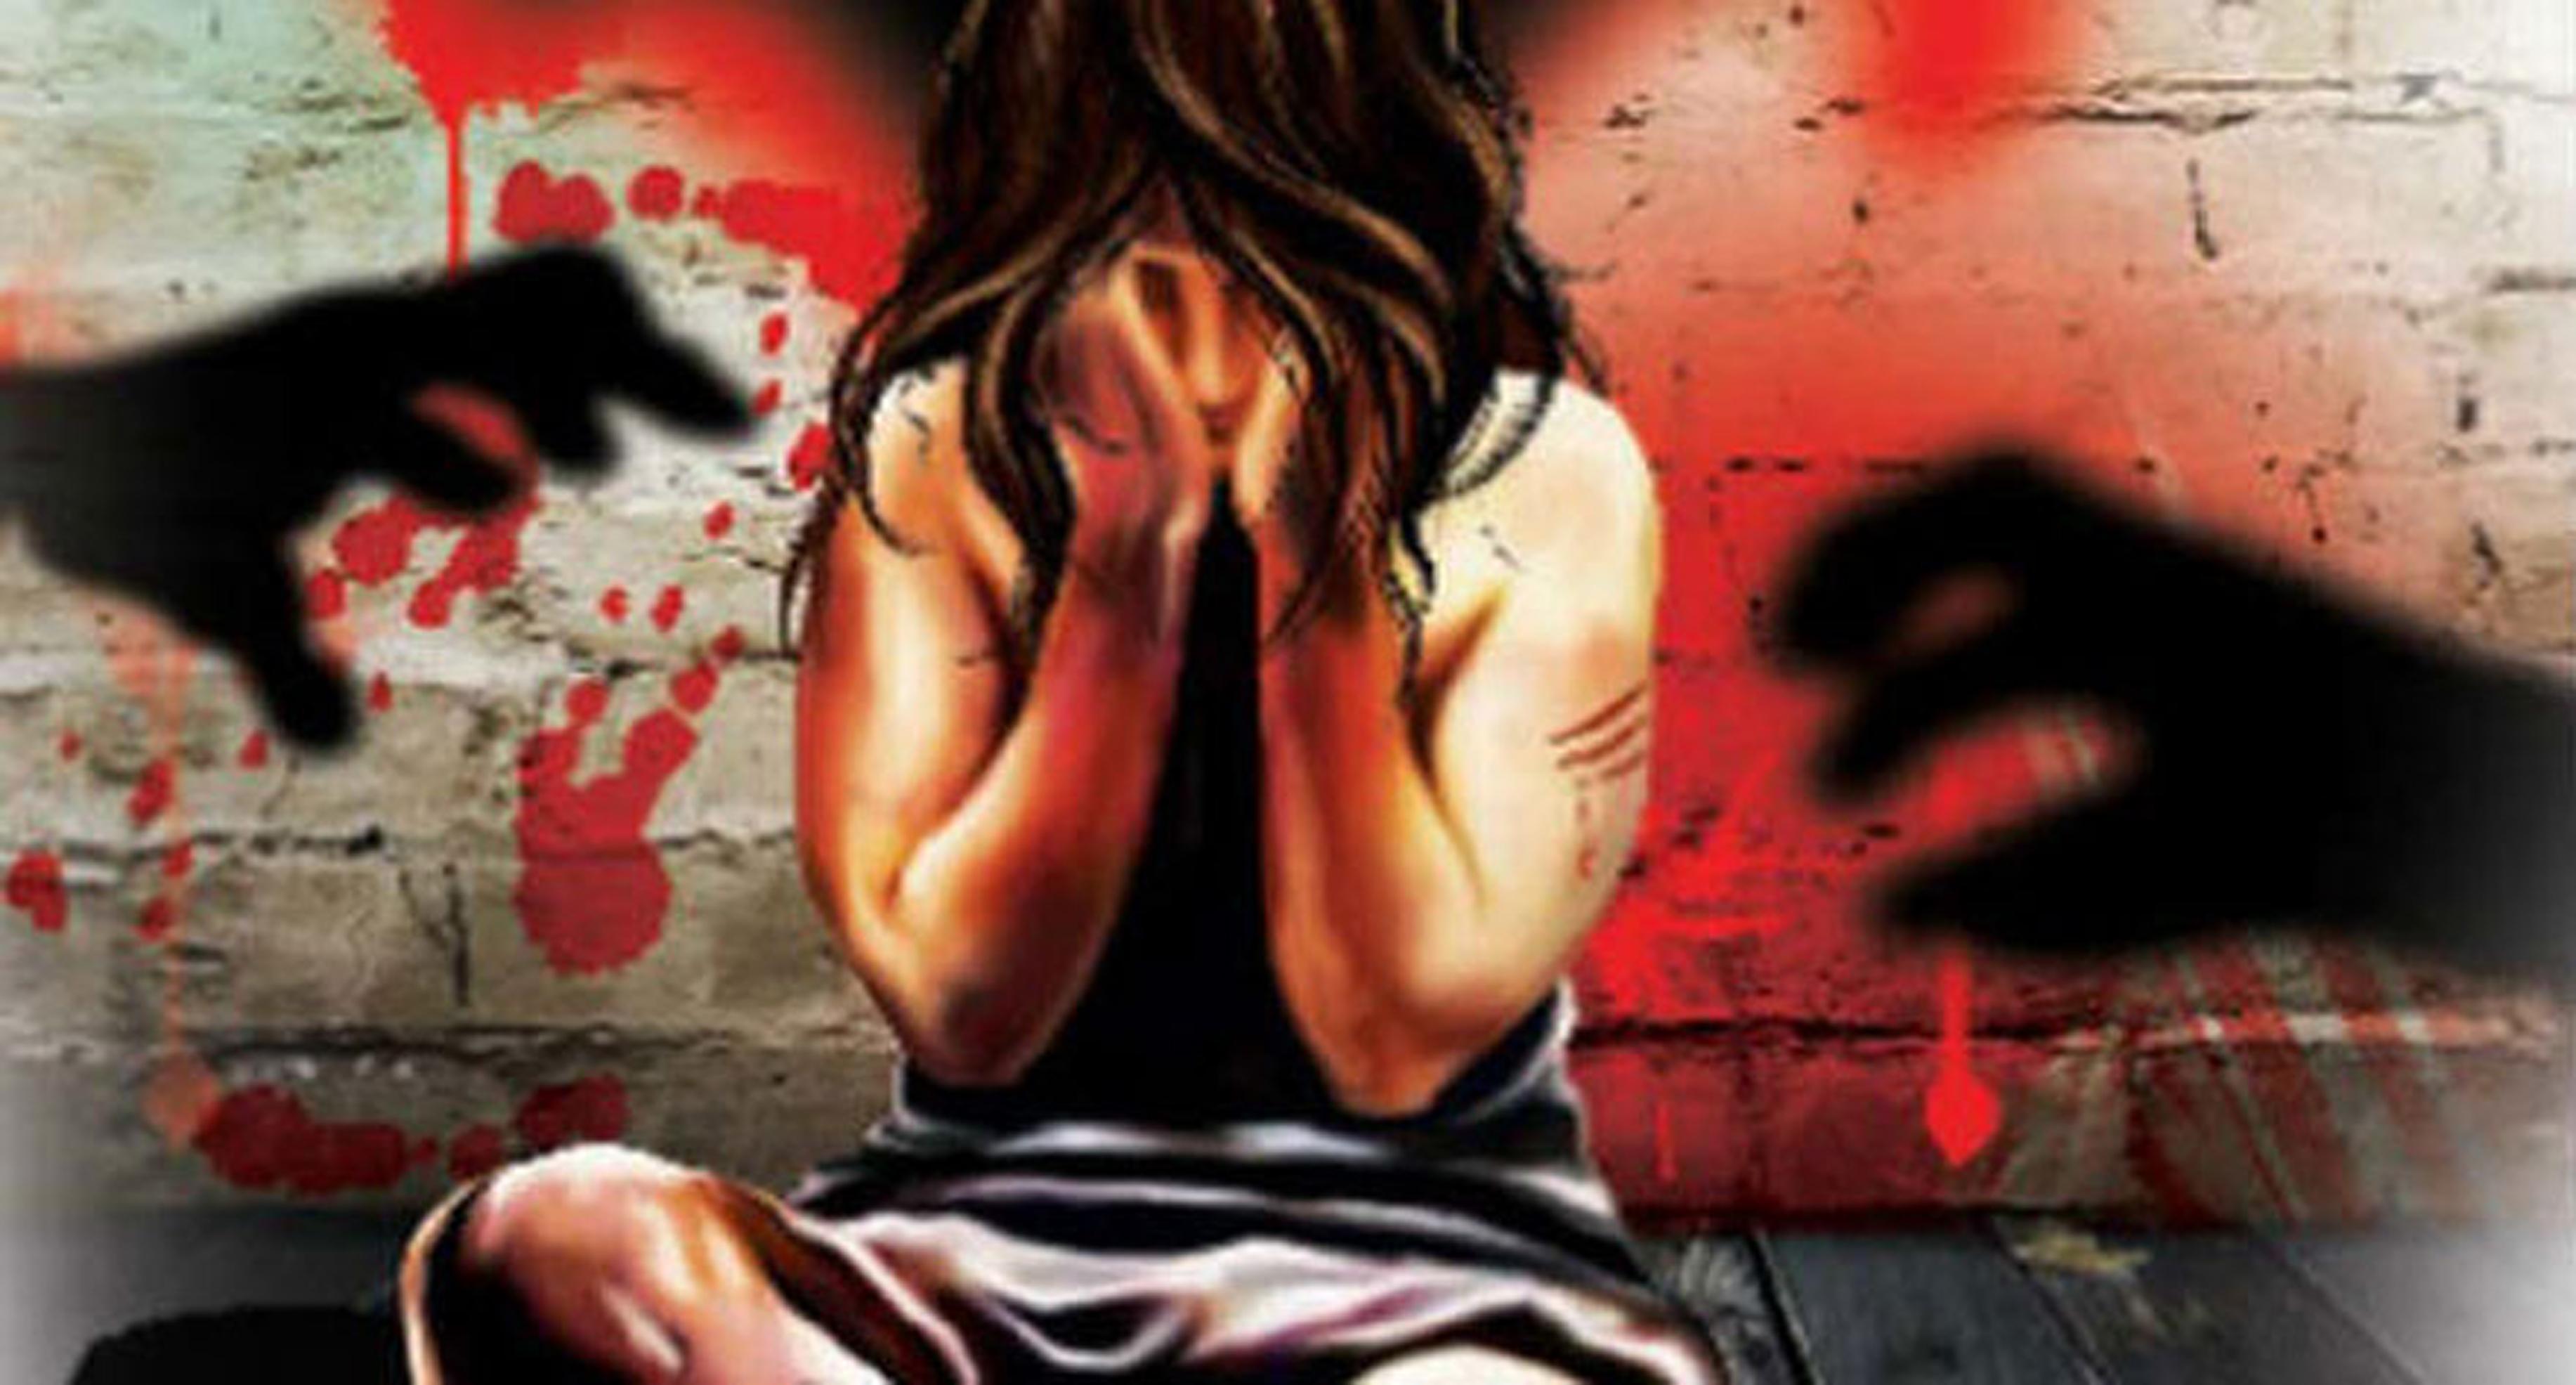 बाँकेमा १४ बर्षिया बालिकामाथि सामुहिक बलात्कार